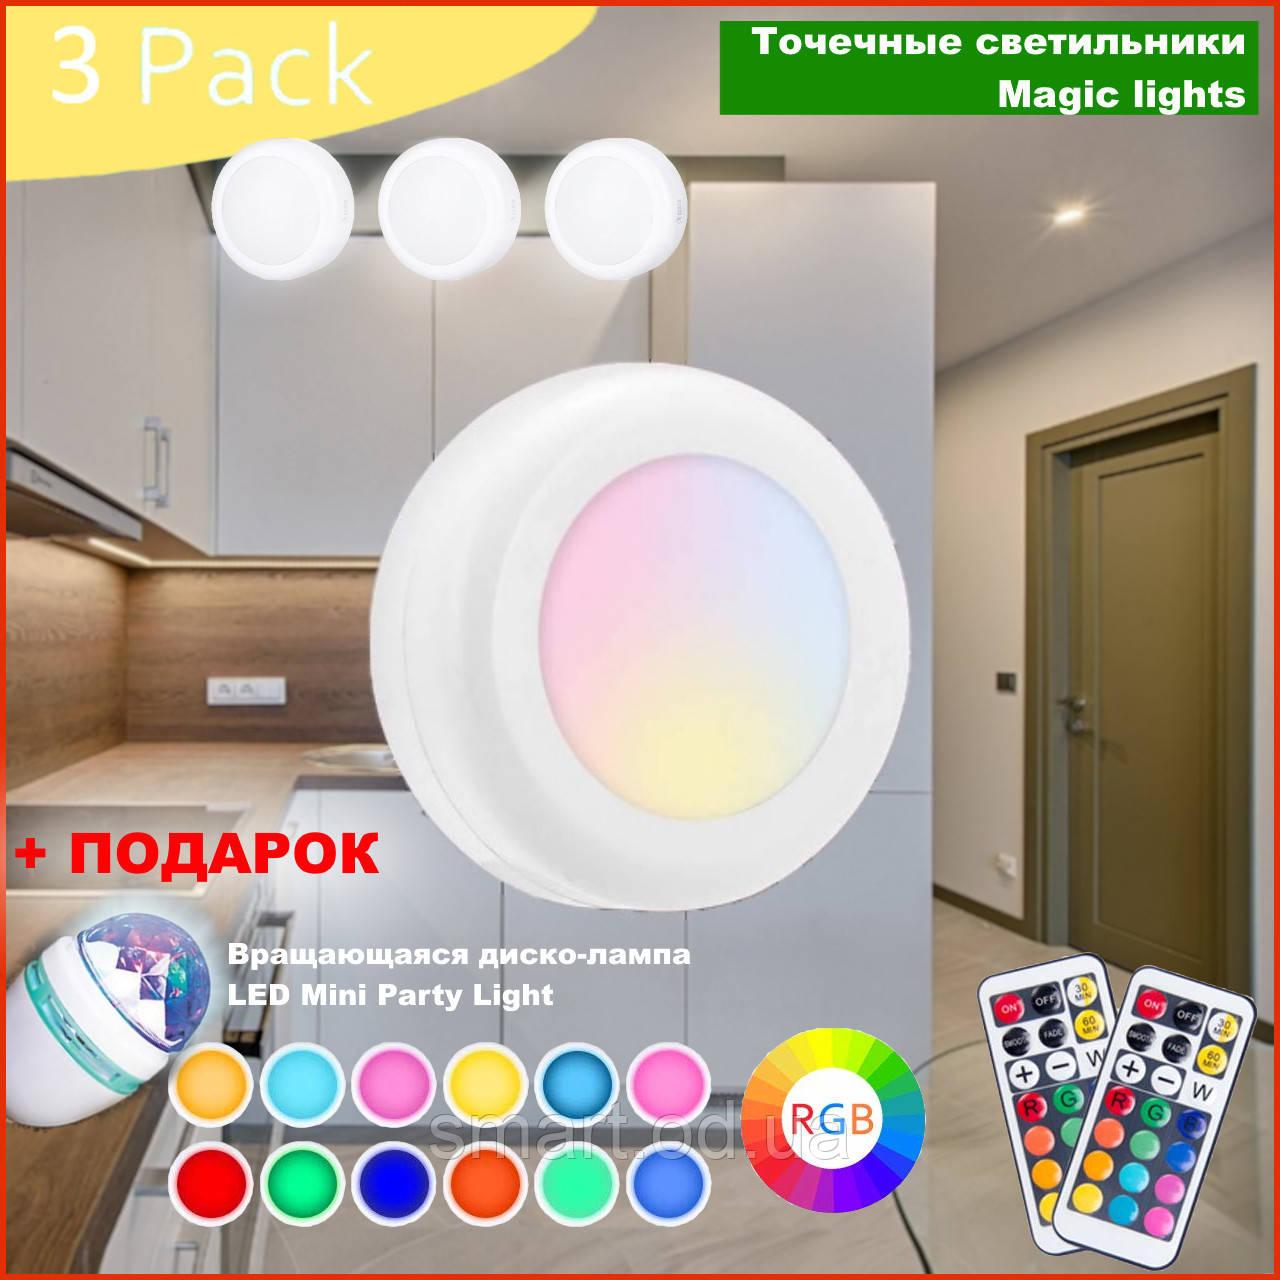 Комплект світлодіодних LED ламп підсвічування для будинку Magic Lights RGB кольоровий світильник з пультом управління